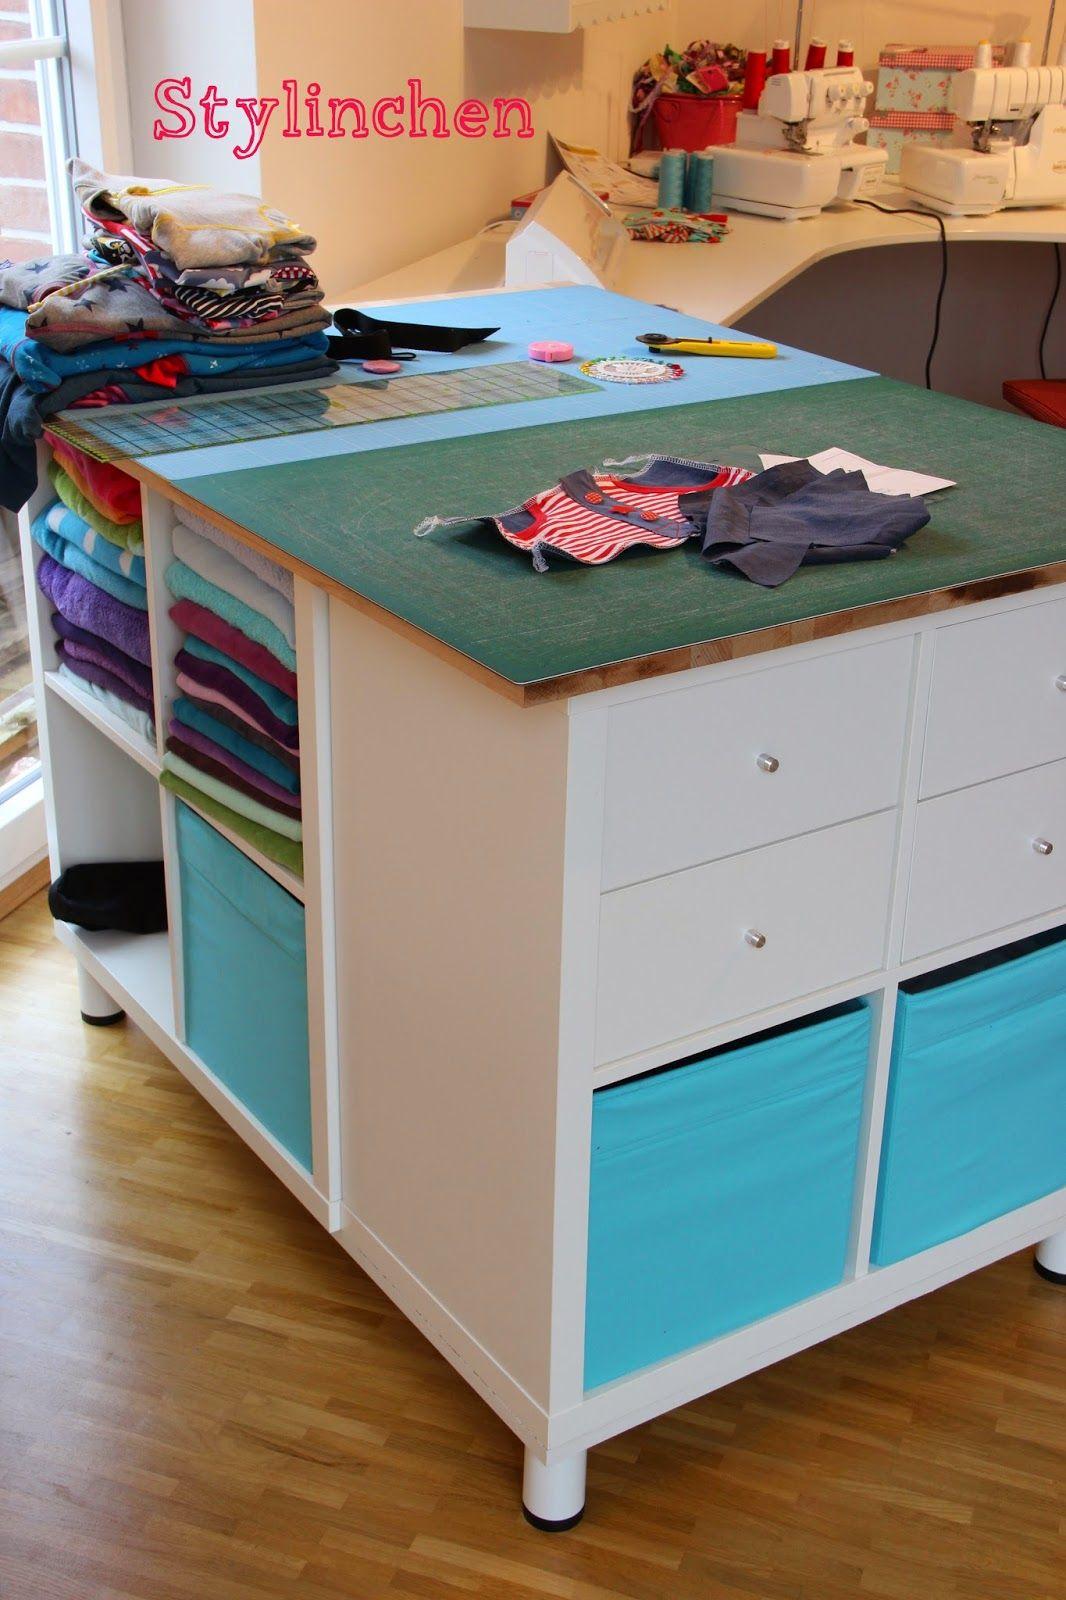 Stylinchen Mein Nahzimmer Mein Lieblingsort Craft Sewing Rooms